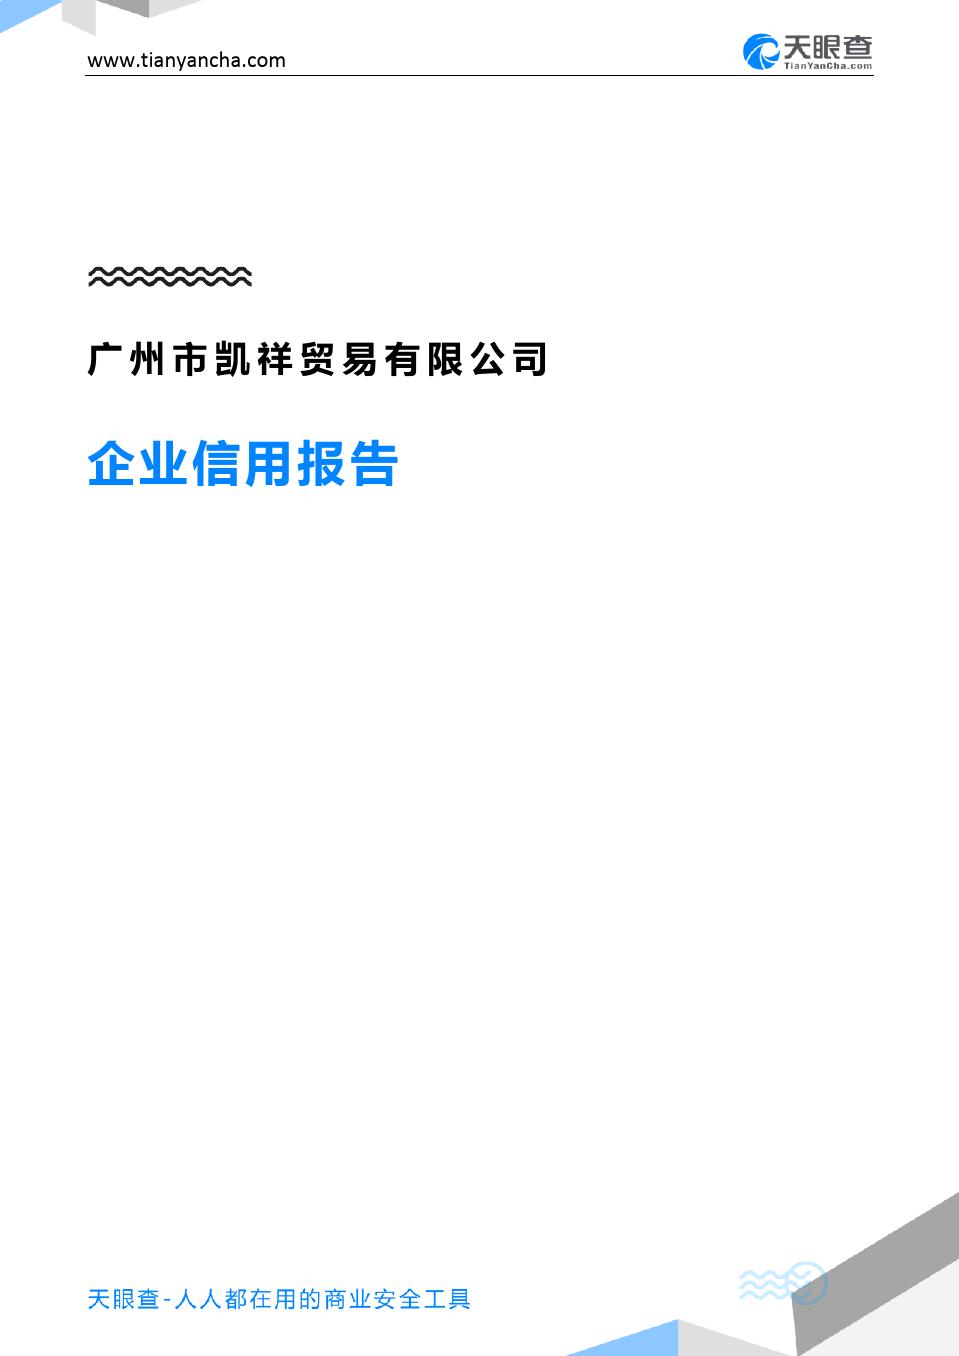 广州市凯祥贸易有限公司(企业信用报告)- 天眼查